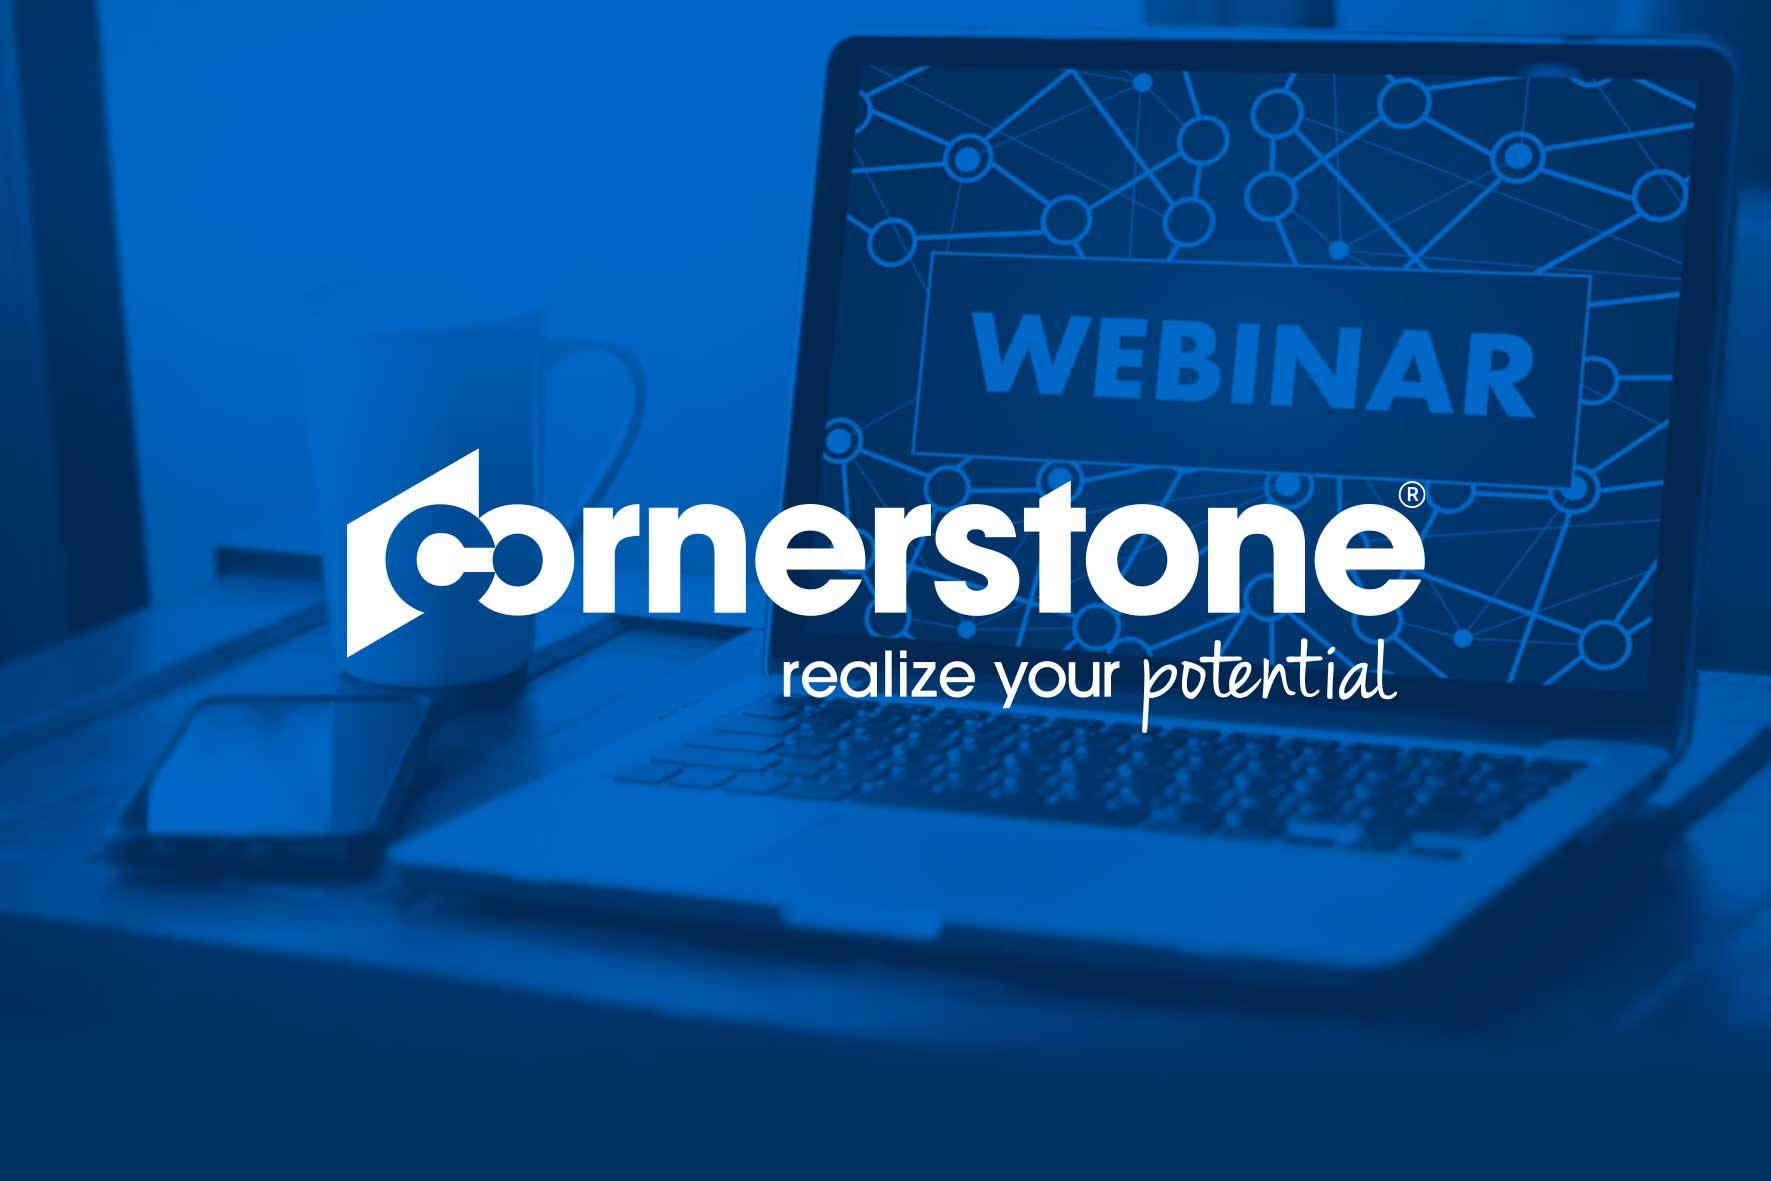 Iniciem un cicle de webinars sobre gestió del talent amb Cornerstone OnDemand